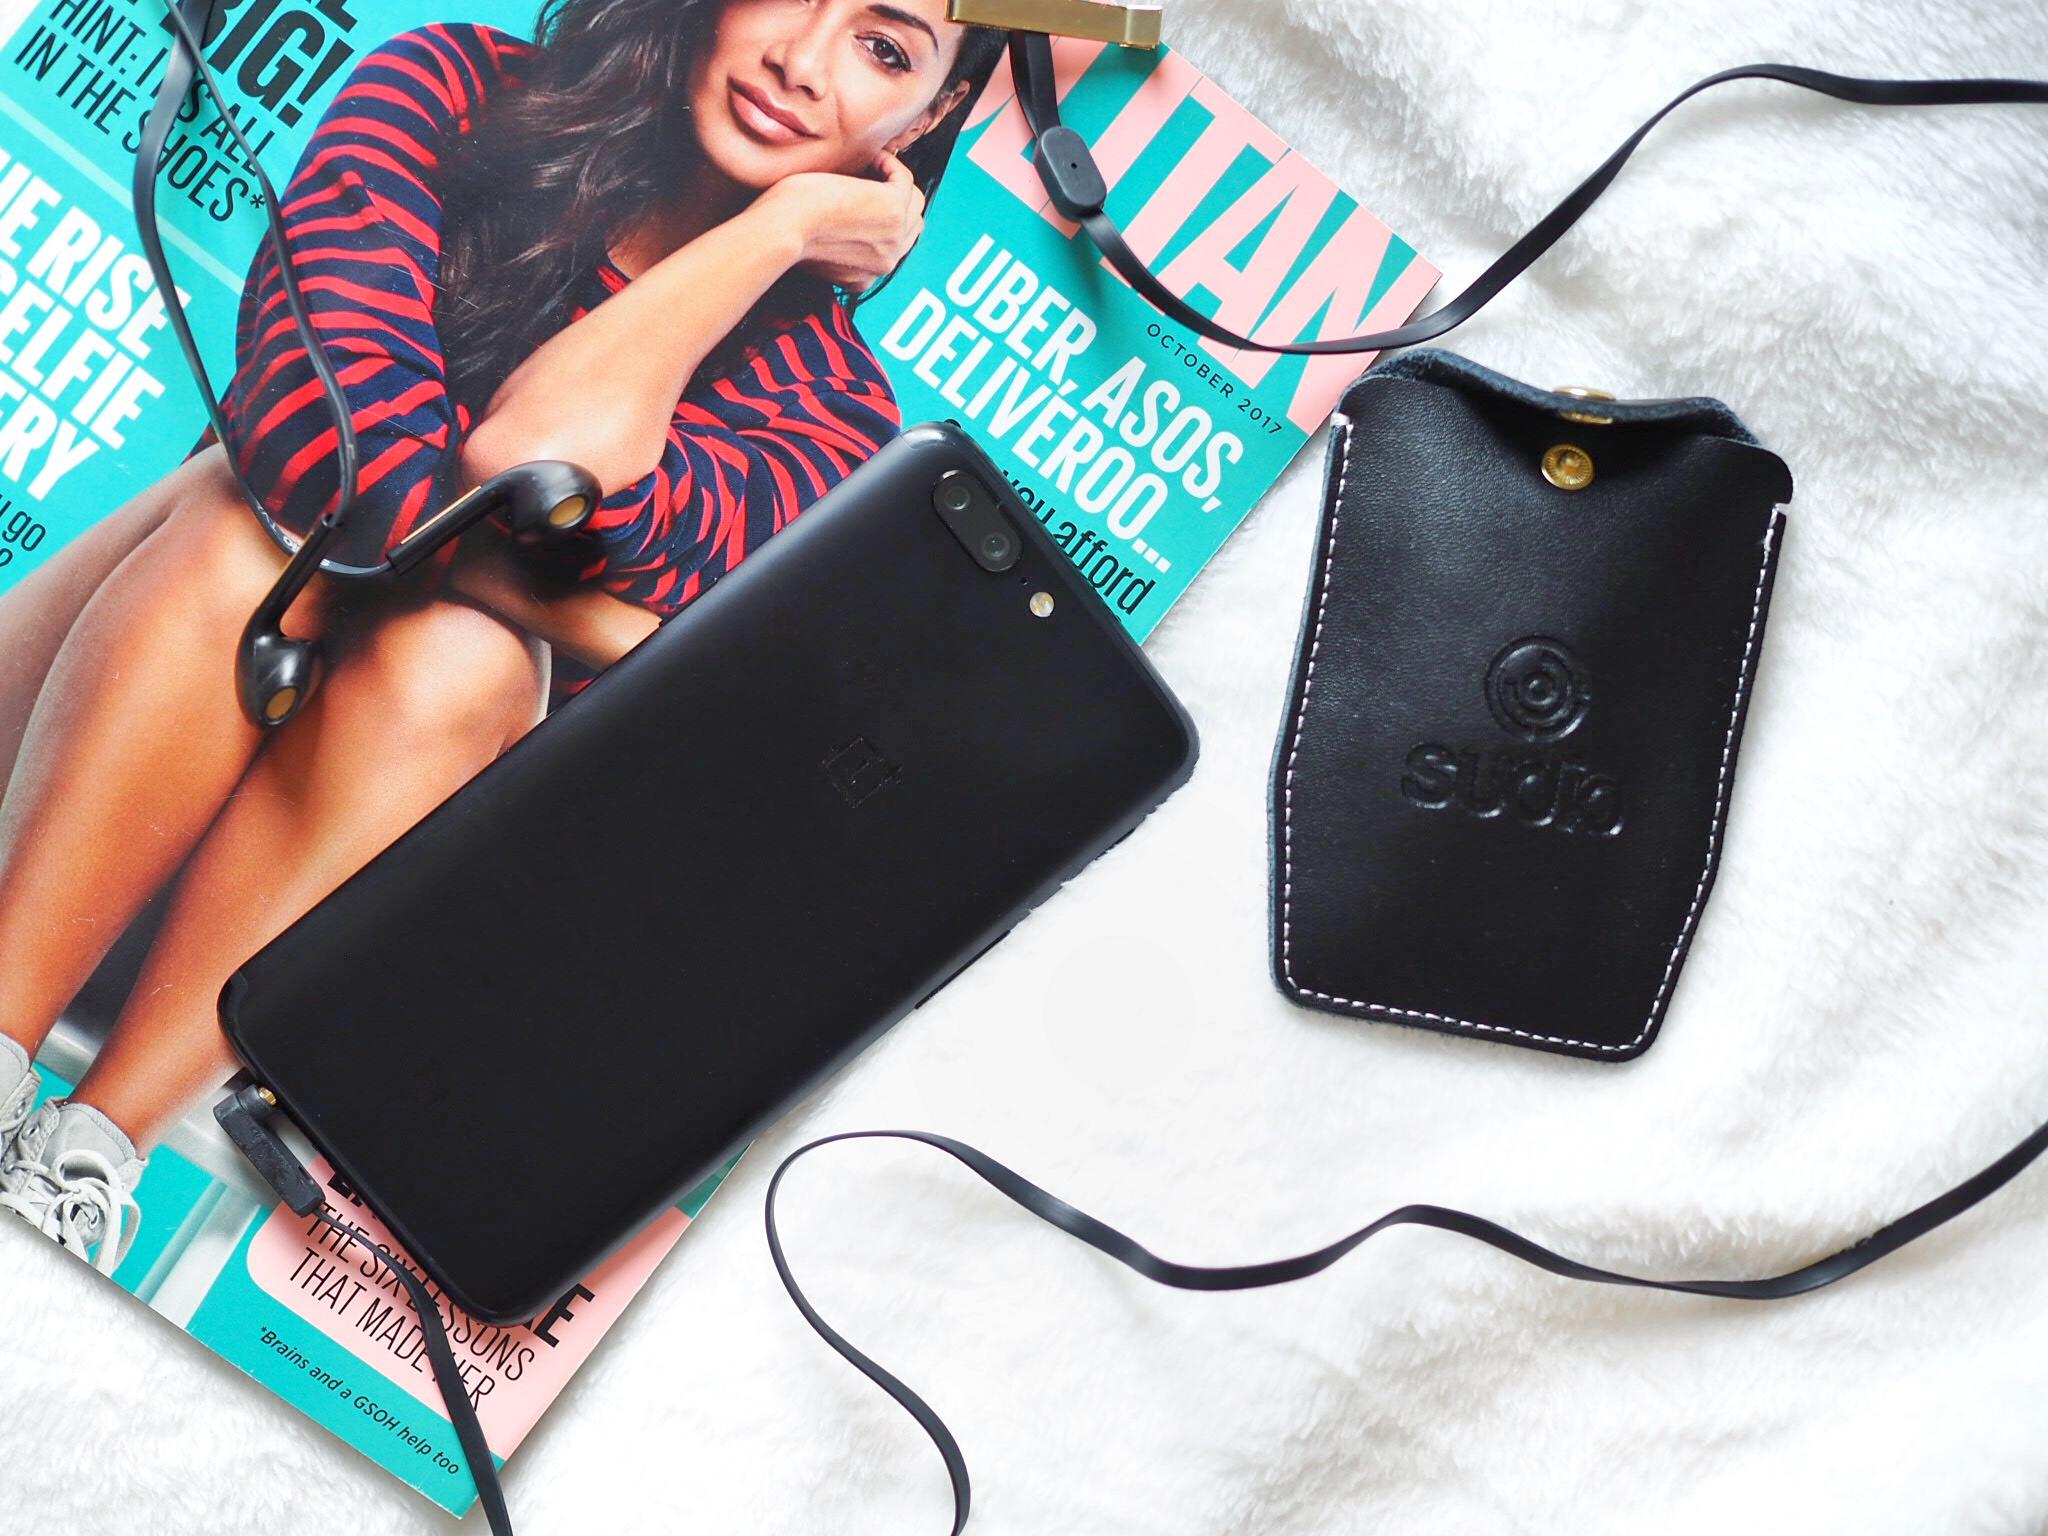 Appletytön syrjähyppy – OnePlus 5